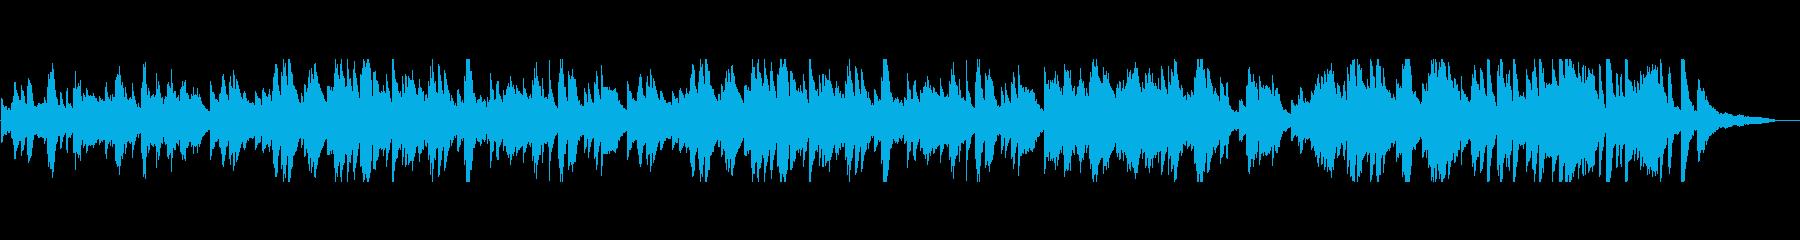 軽快で爽やかなポップス風 ピアノソロの再生済みの波形